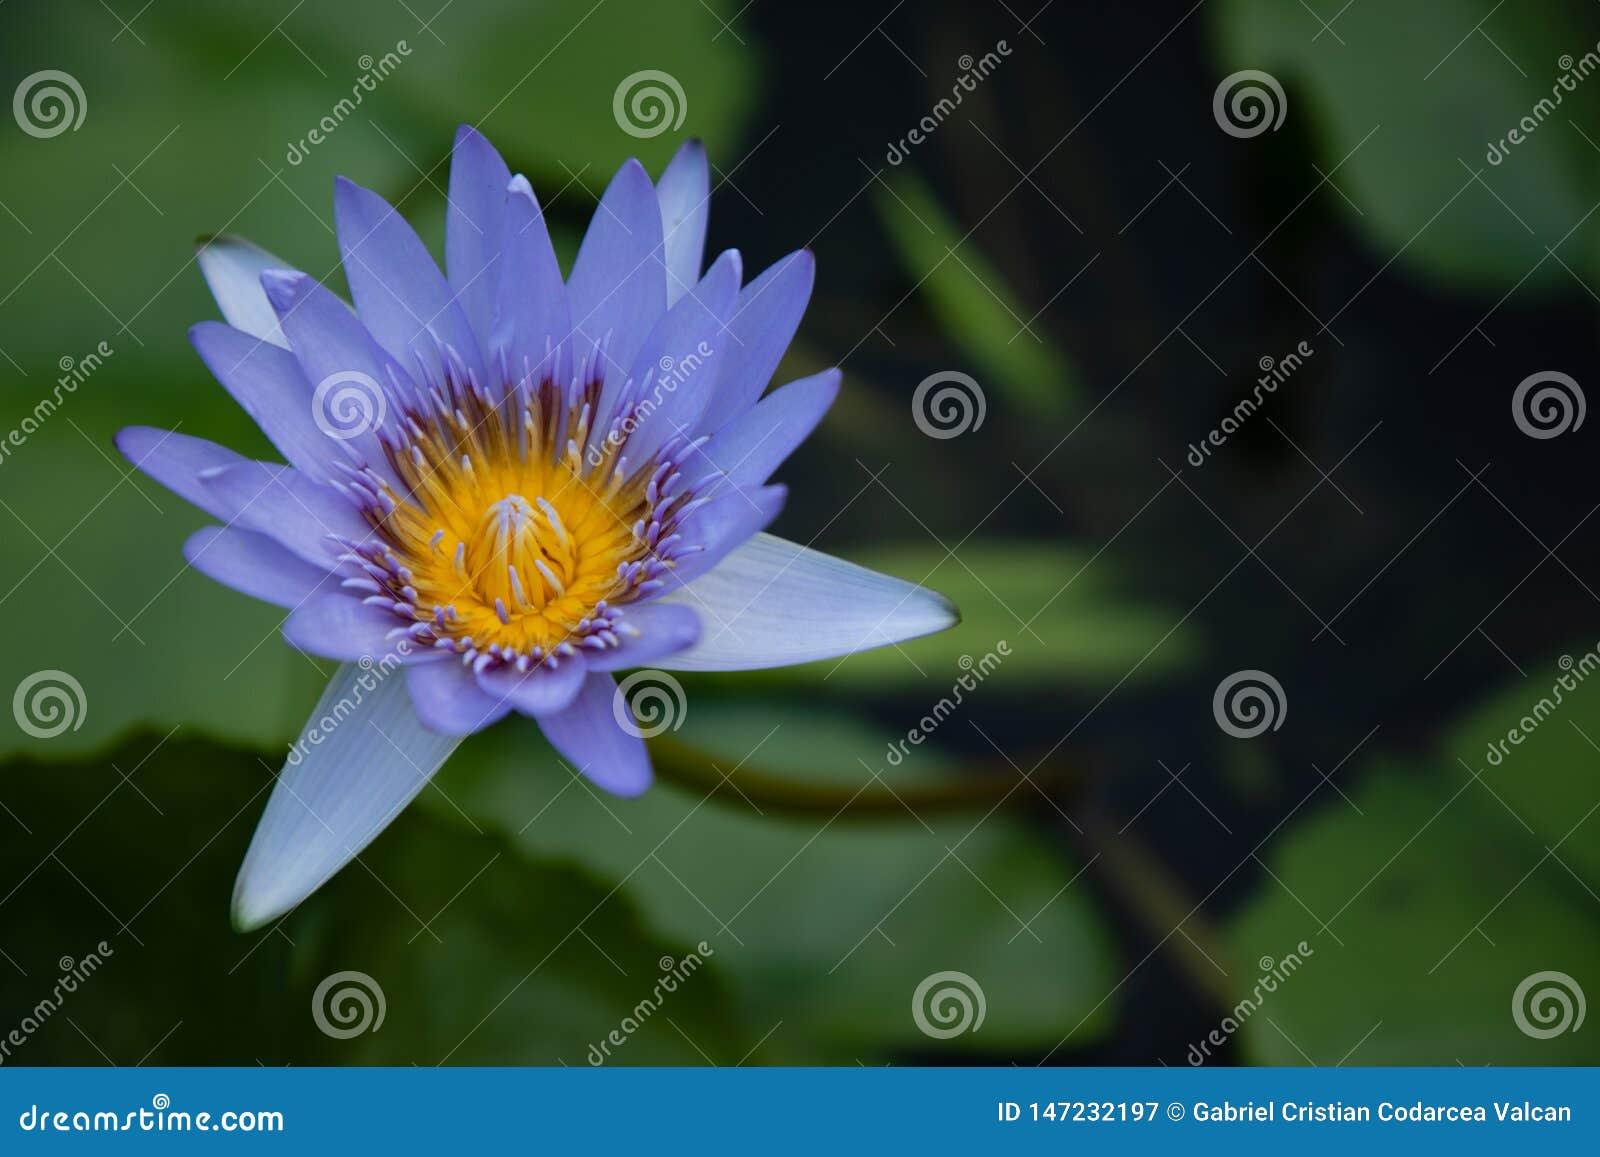 Flor de loto azul y amarilla